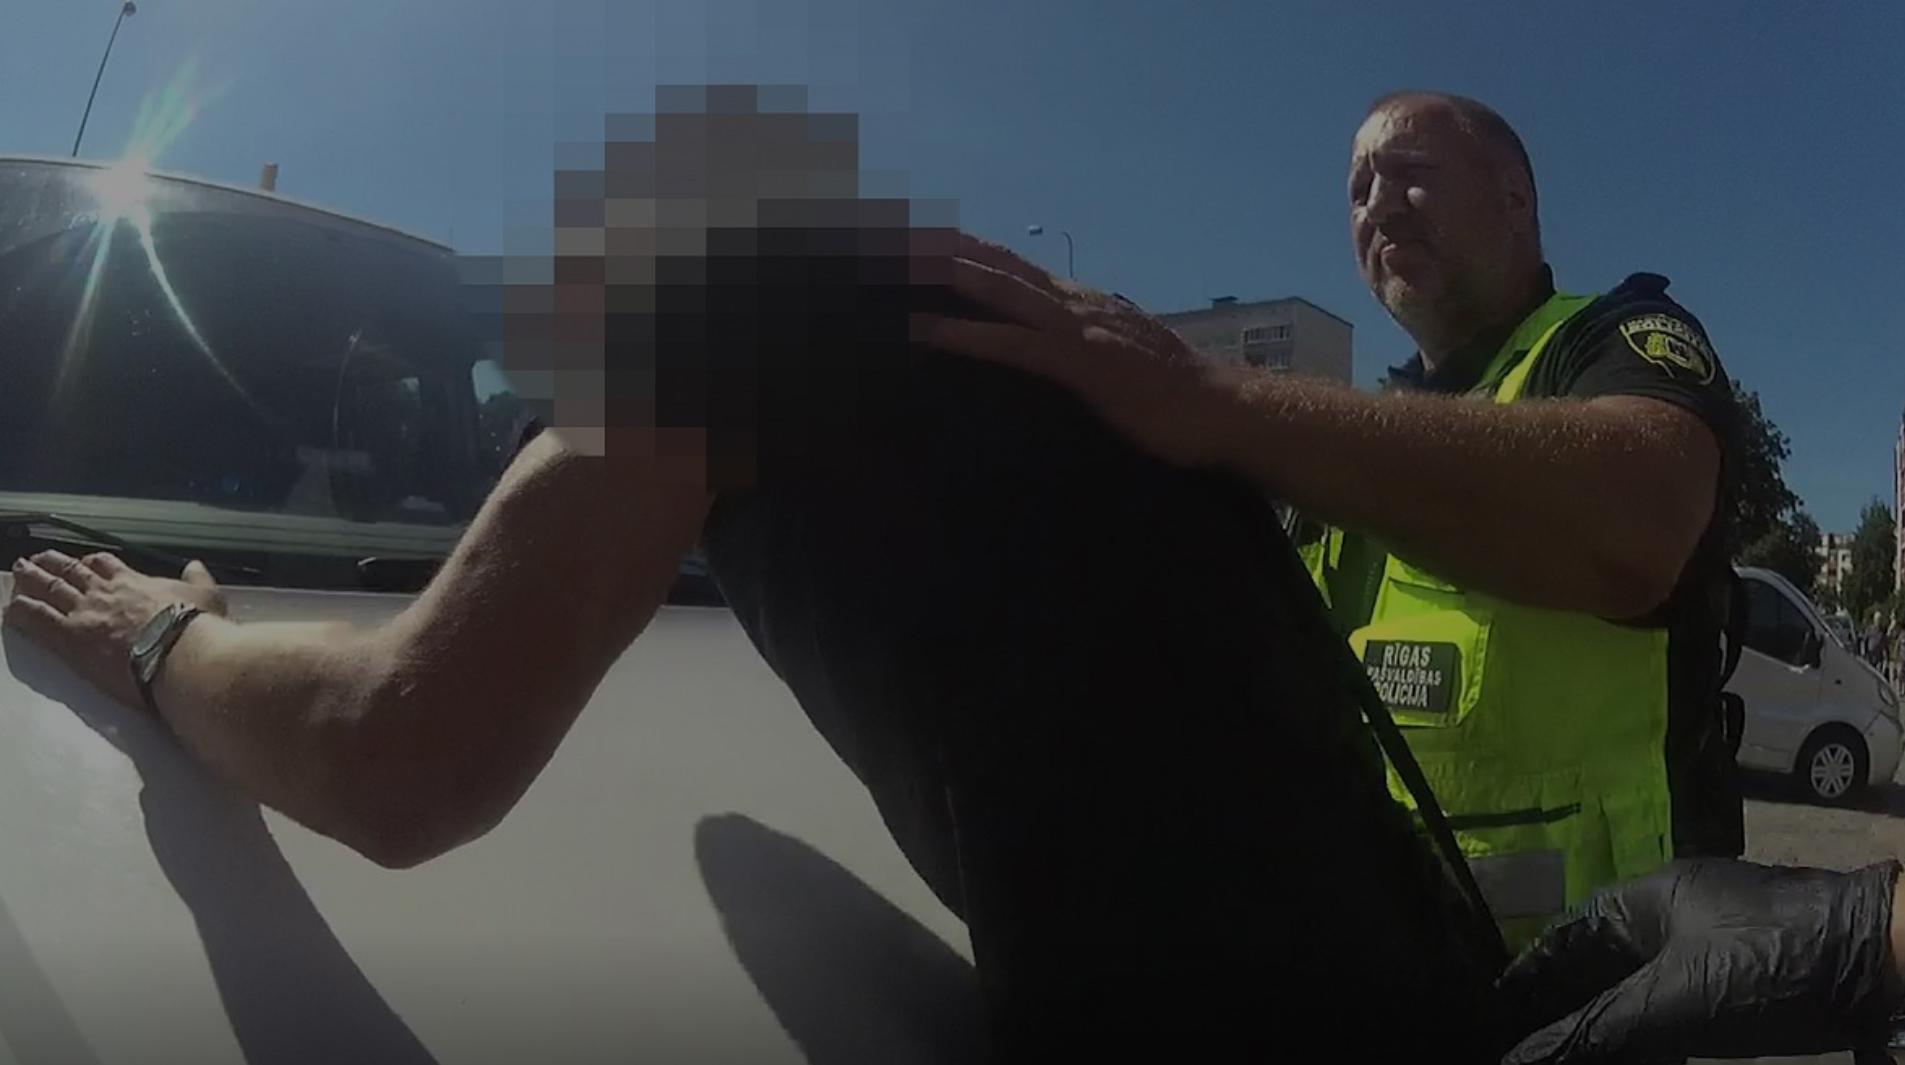 Video: Vīrietis Rīgā piekauj veikala pārdevēju, bet policija viņu nearestē